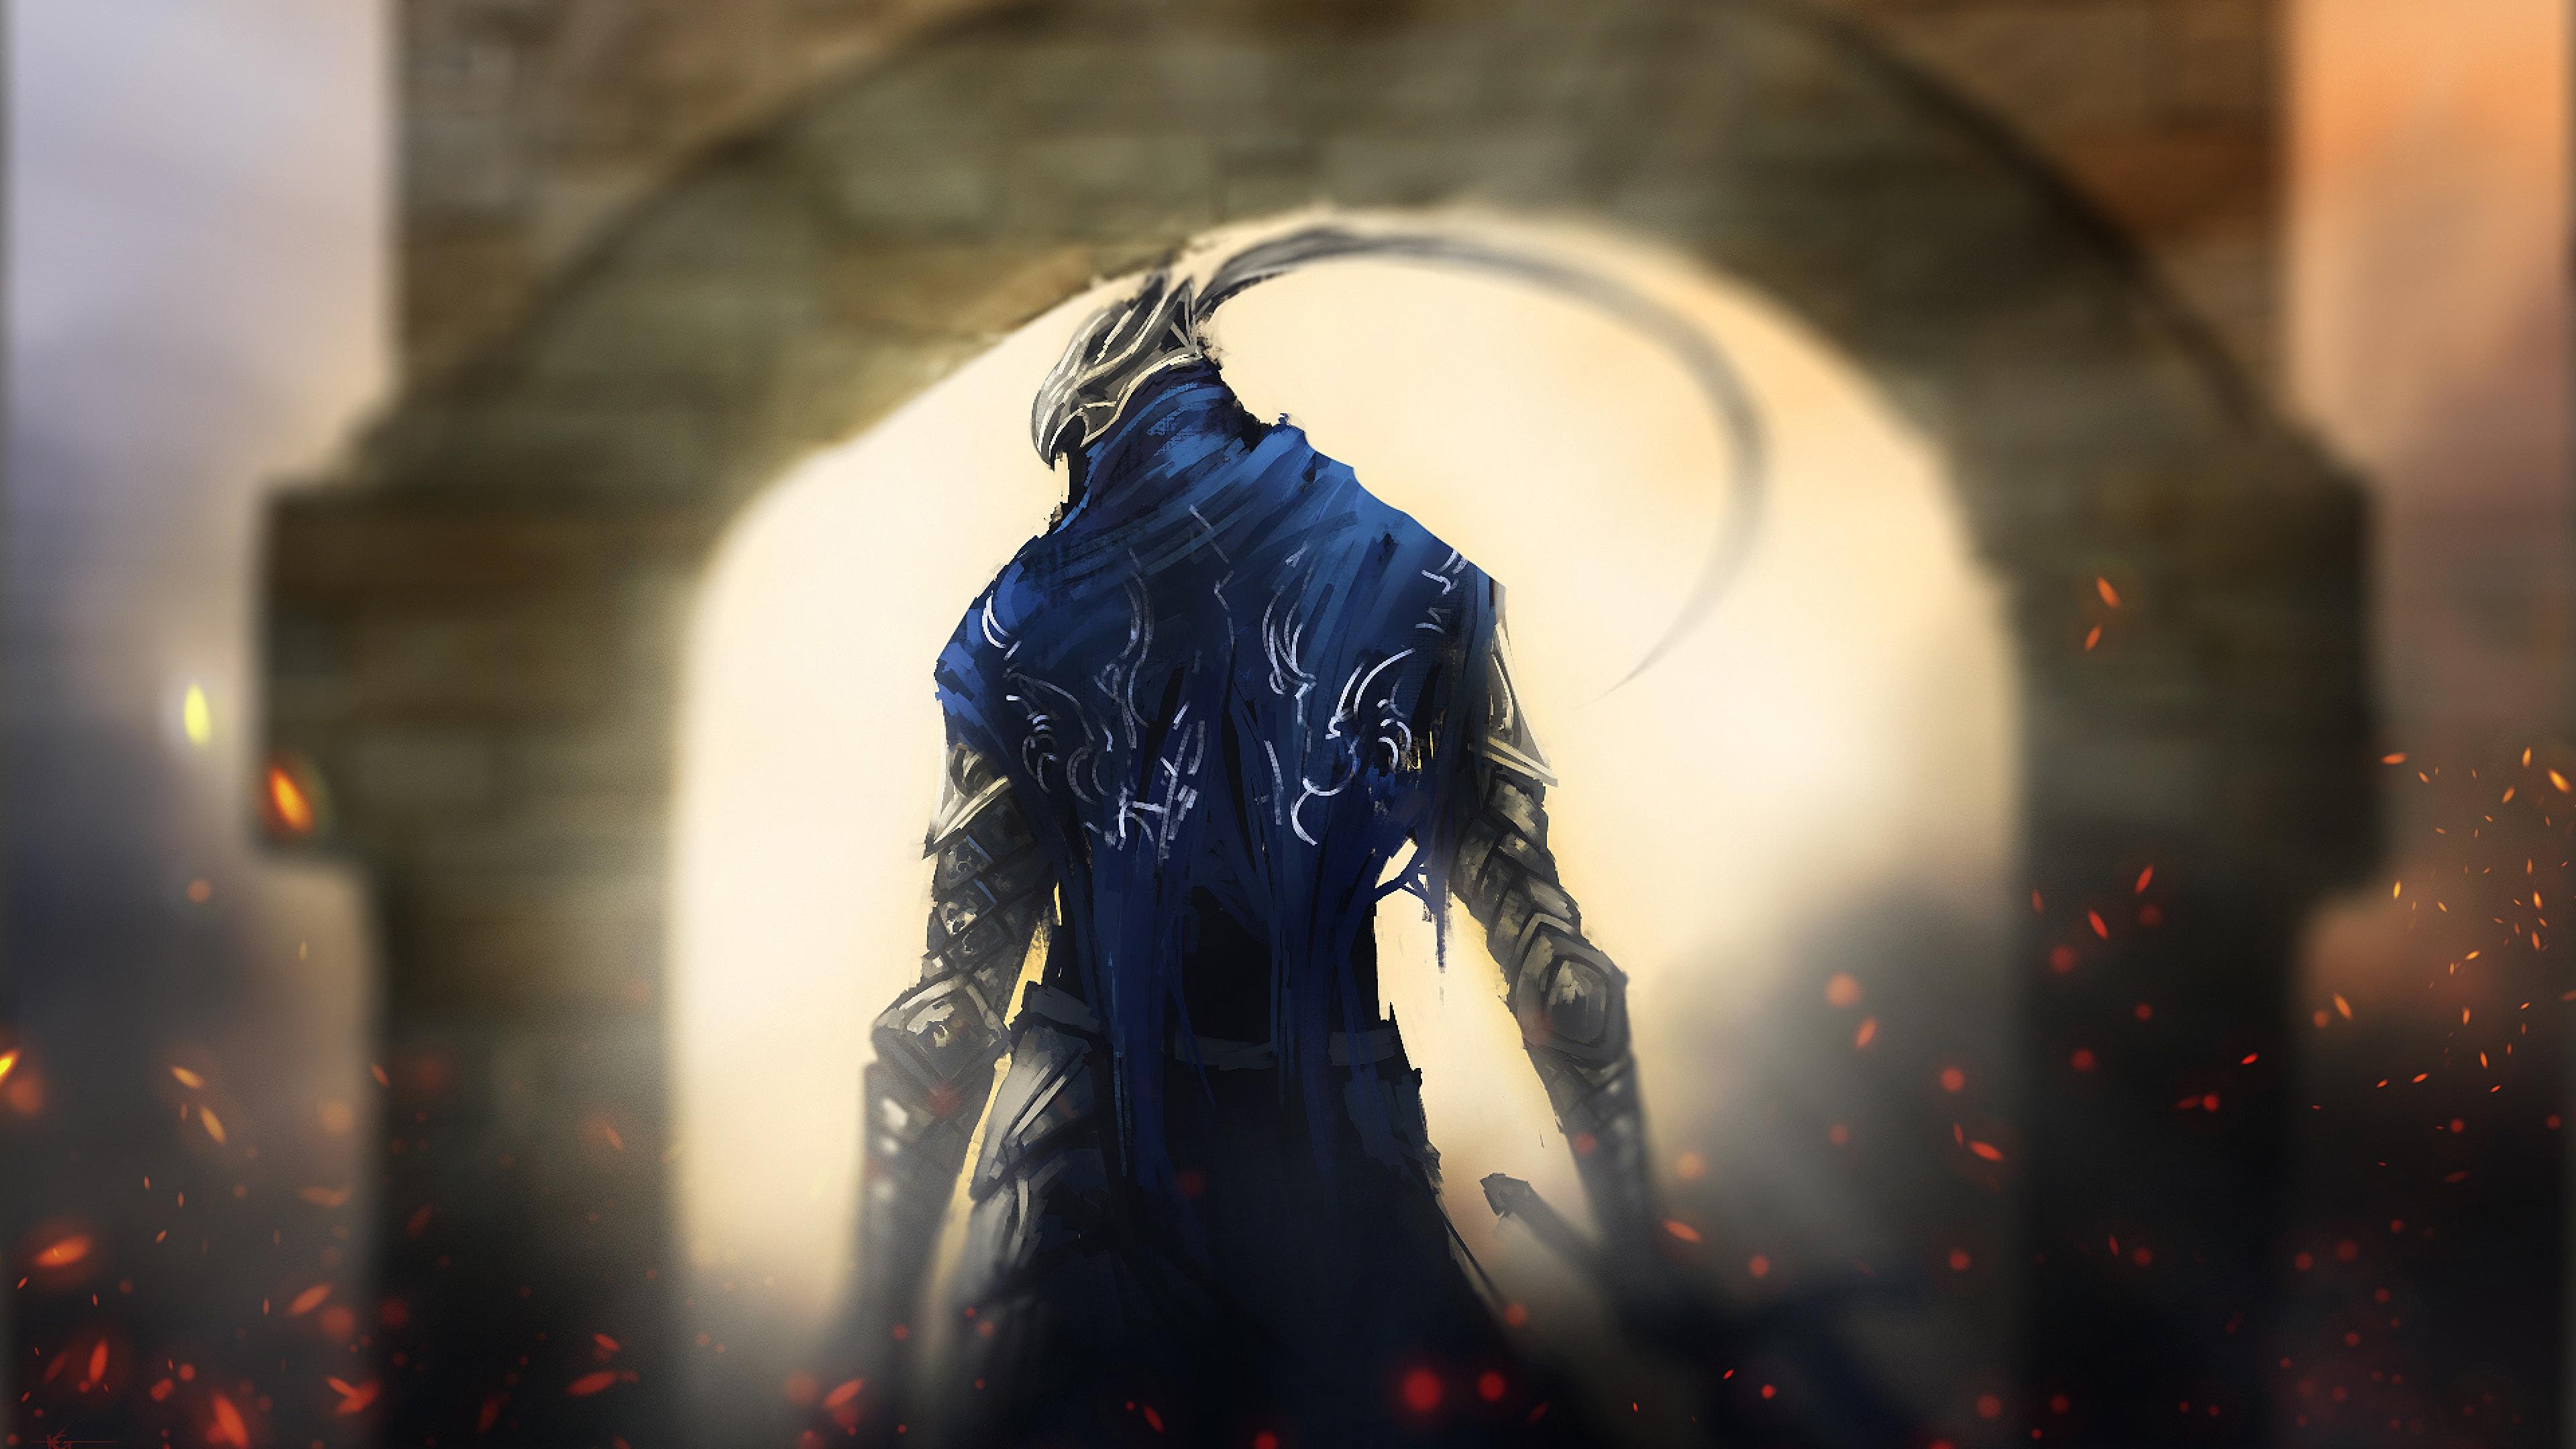 Download Wallpaper 3840x2160 dark souls gates knight art 4K Ultra 3840x2160